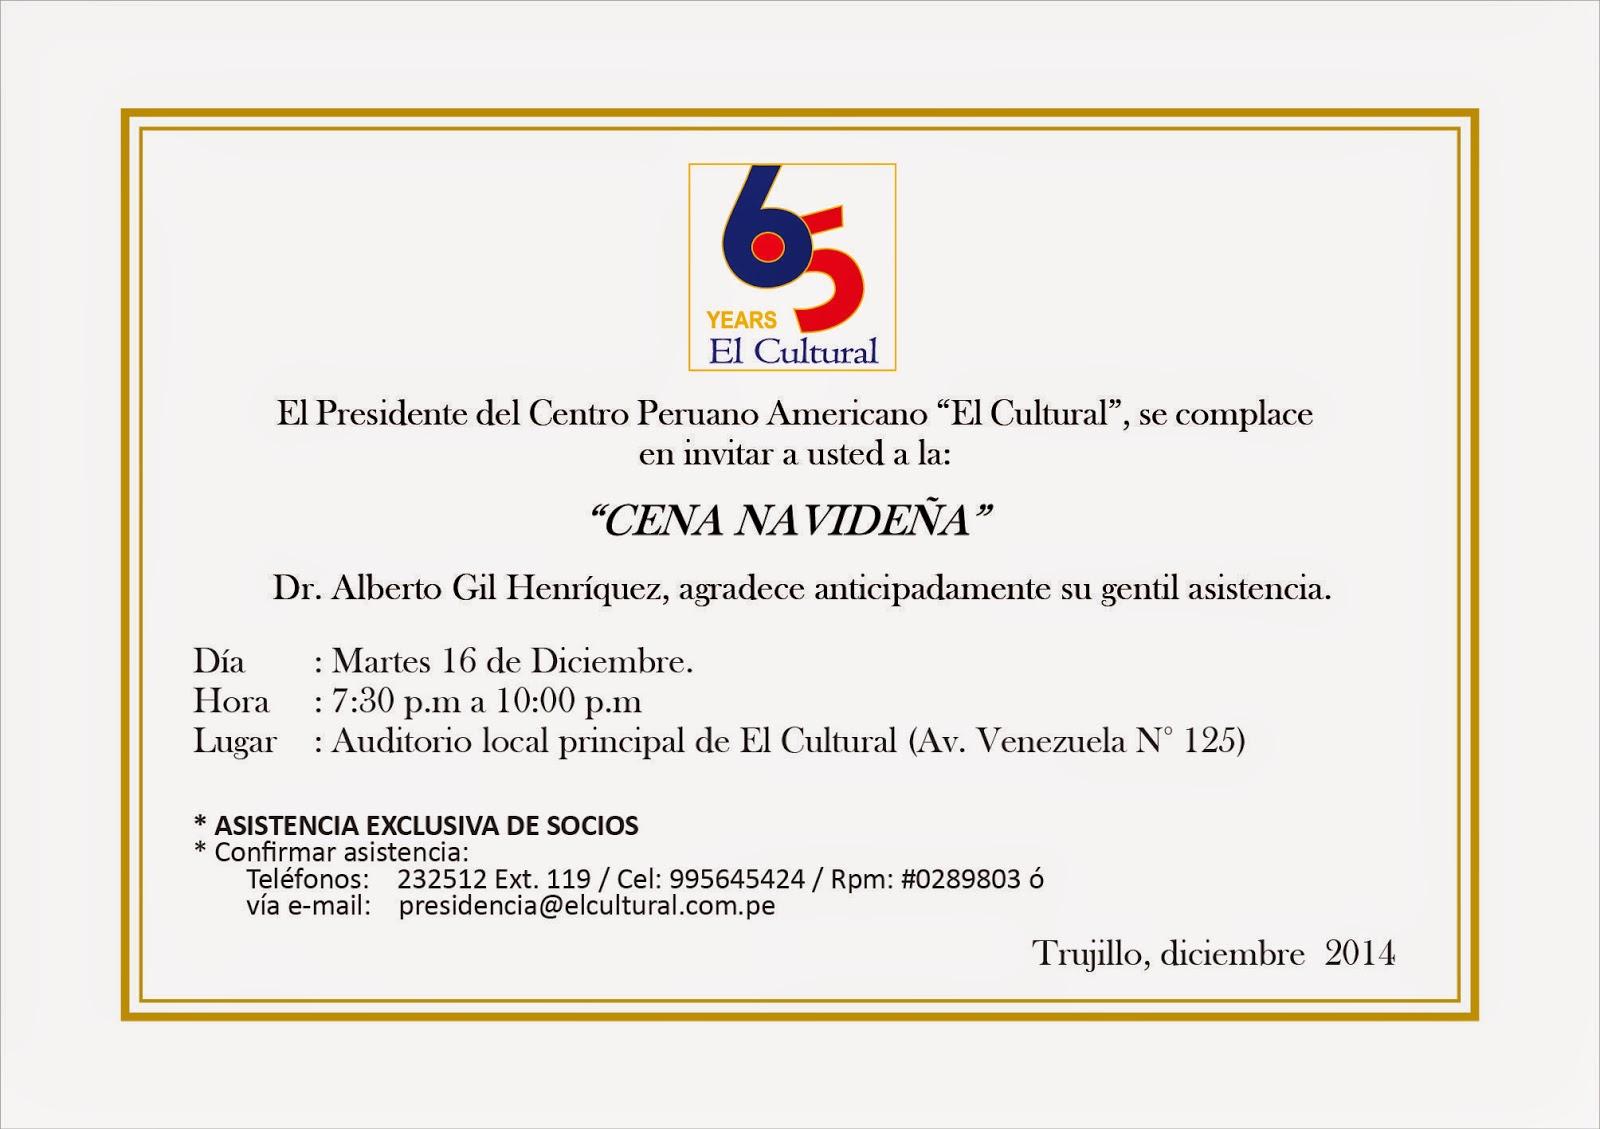 socios el cultural  invitaci u00f3n a socios para cena navide u00d1a